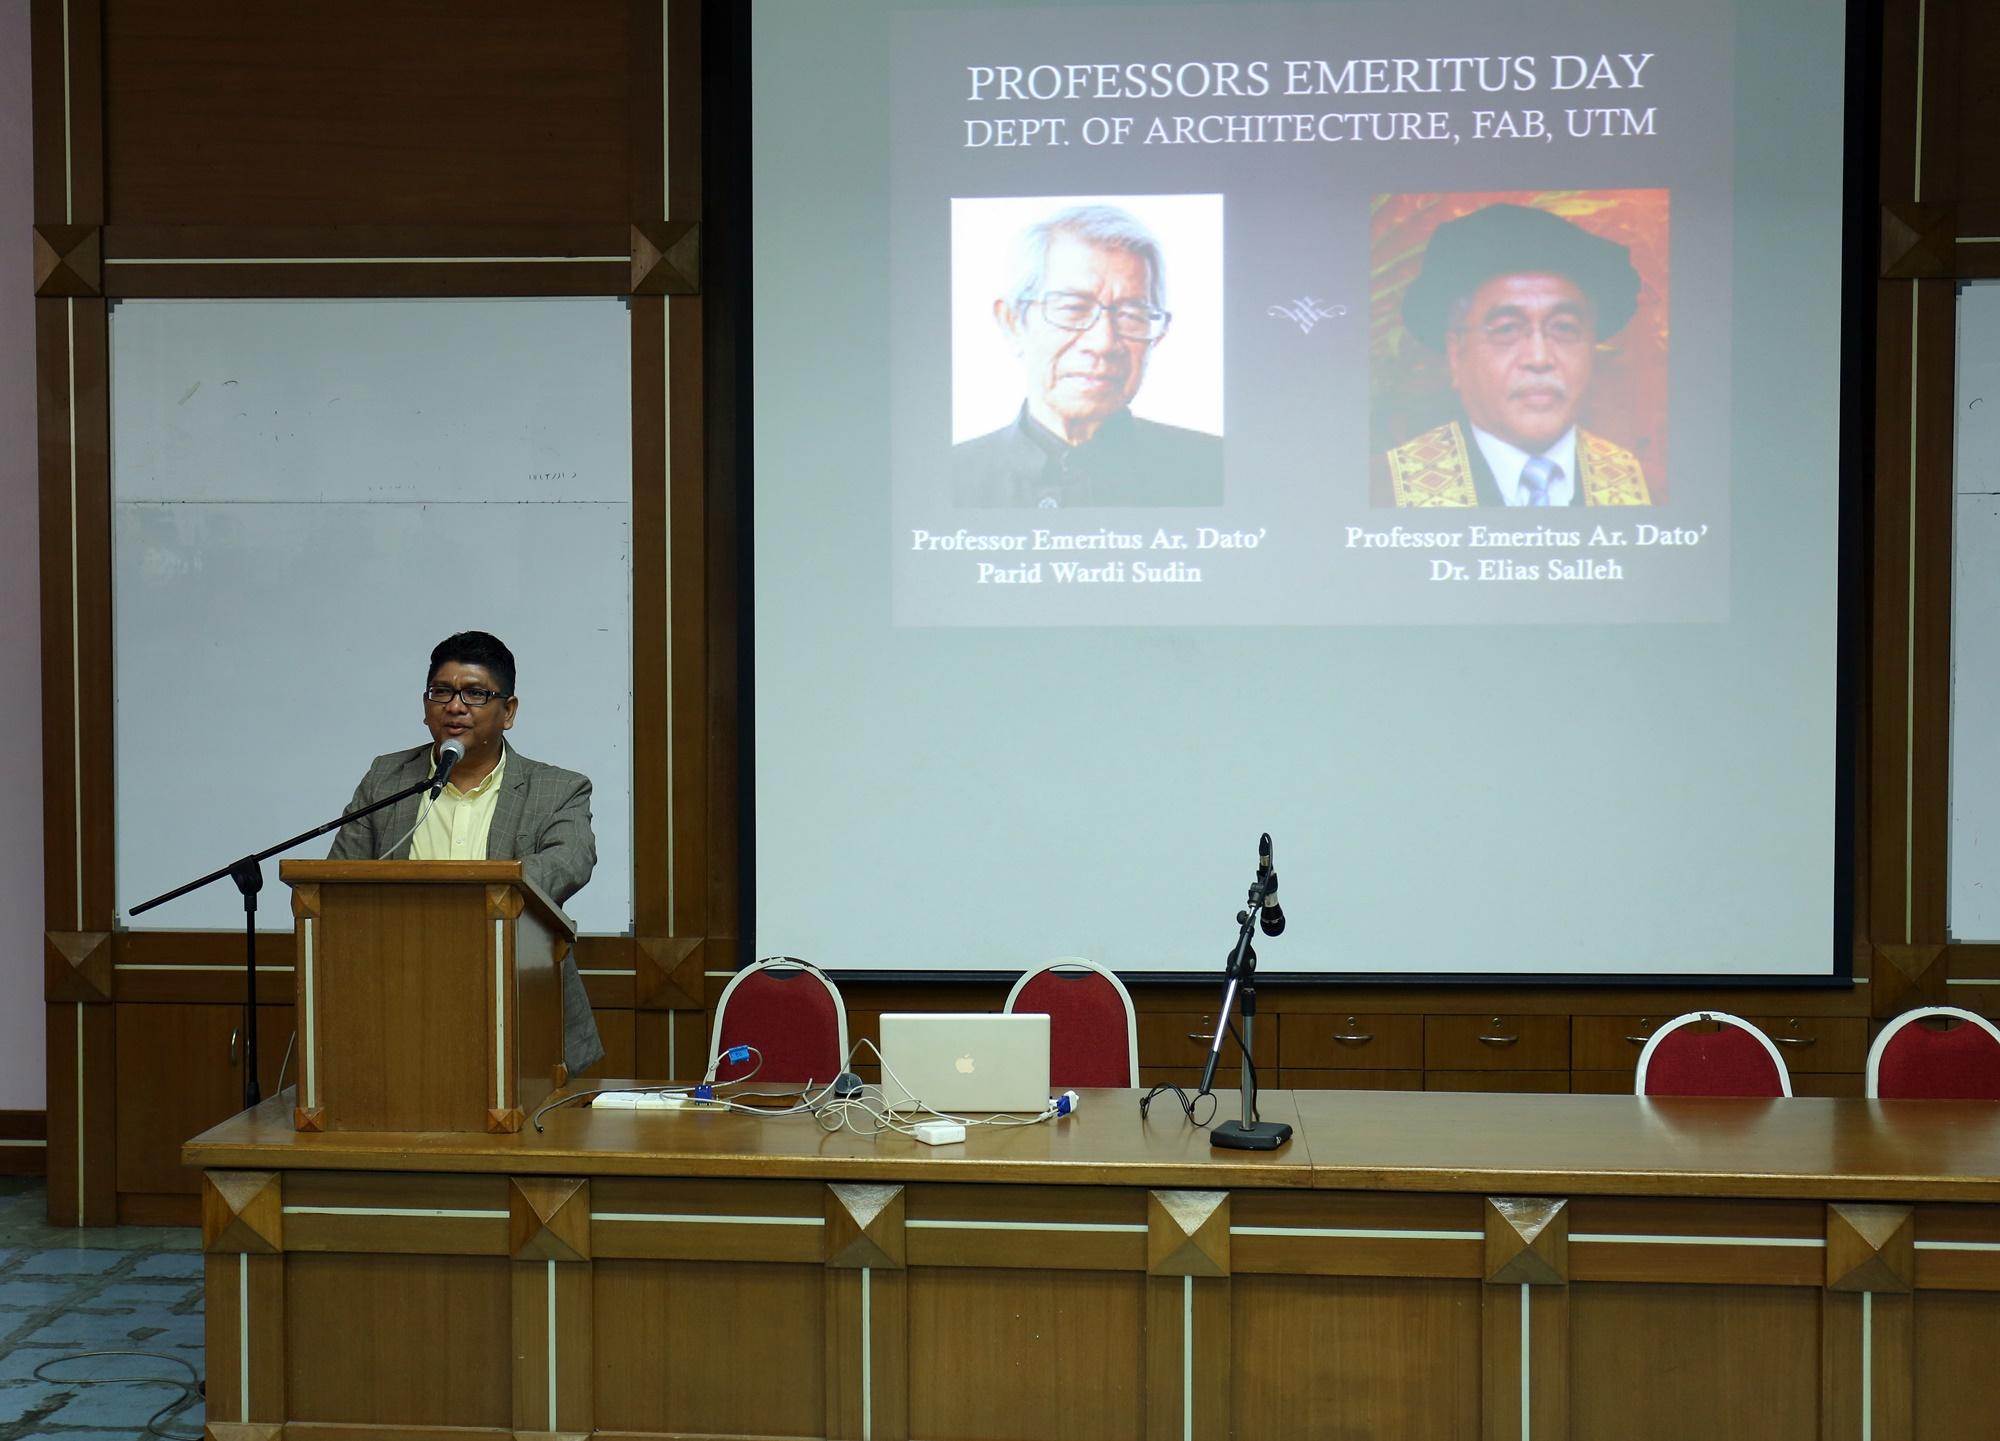 Professors Emeritus Day, Department of Architecture (5 October 2015)